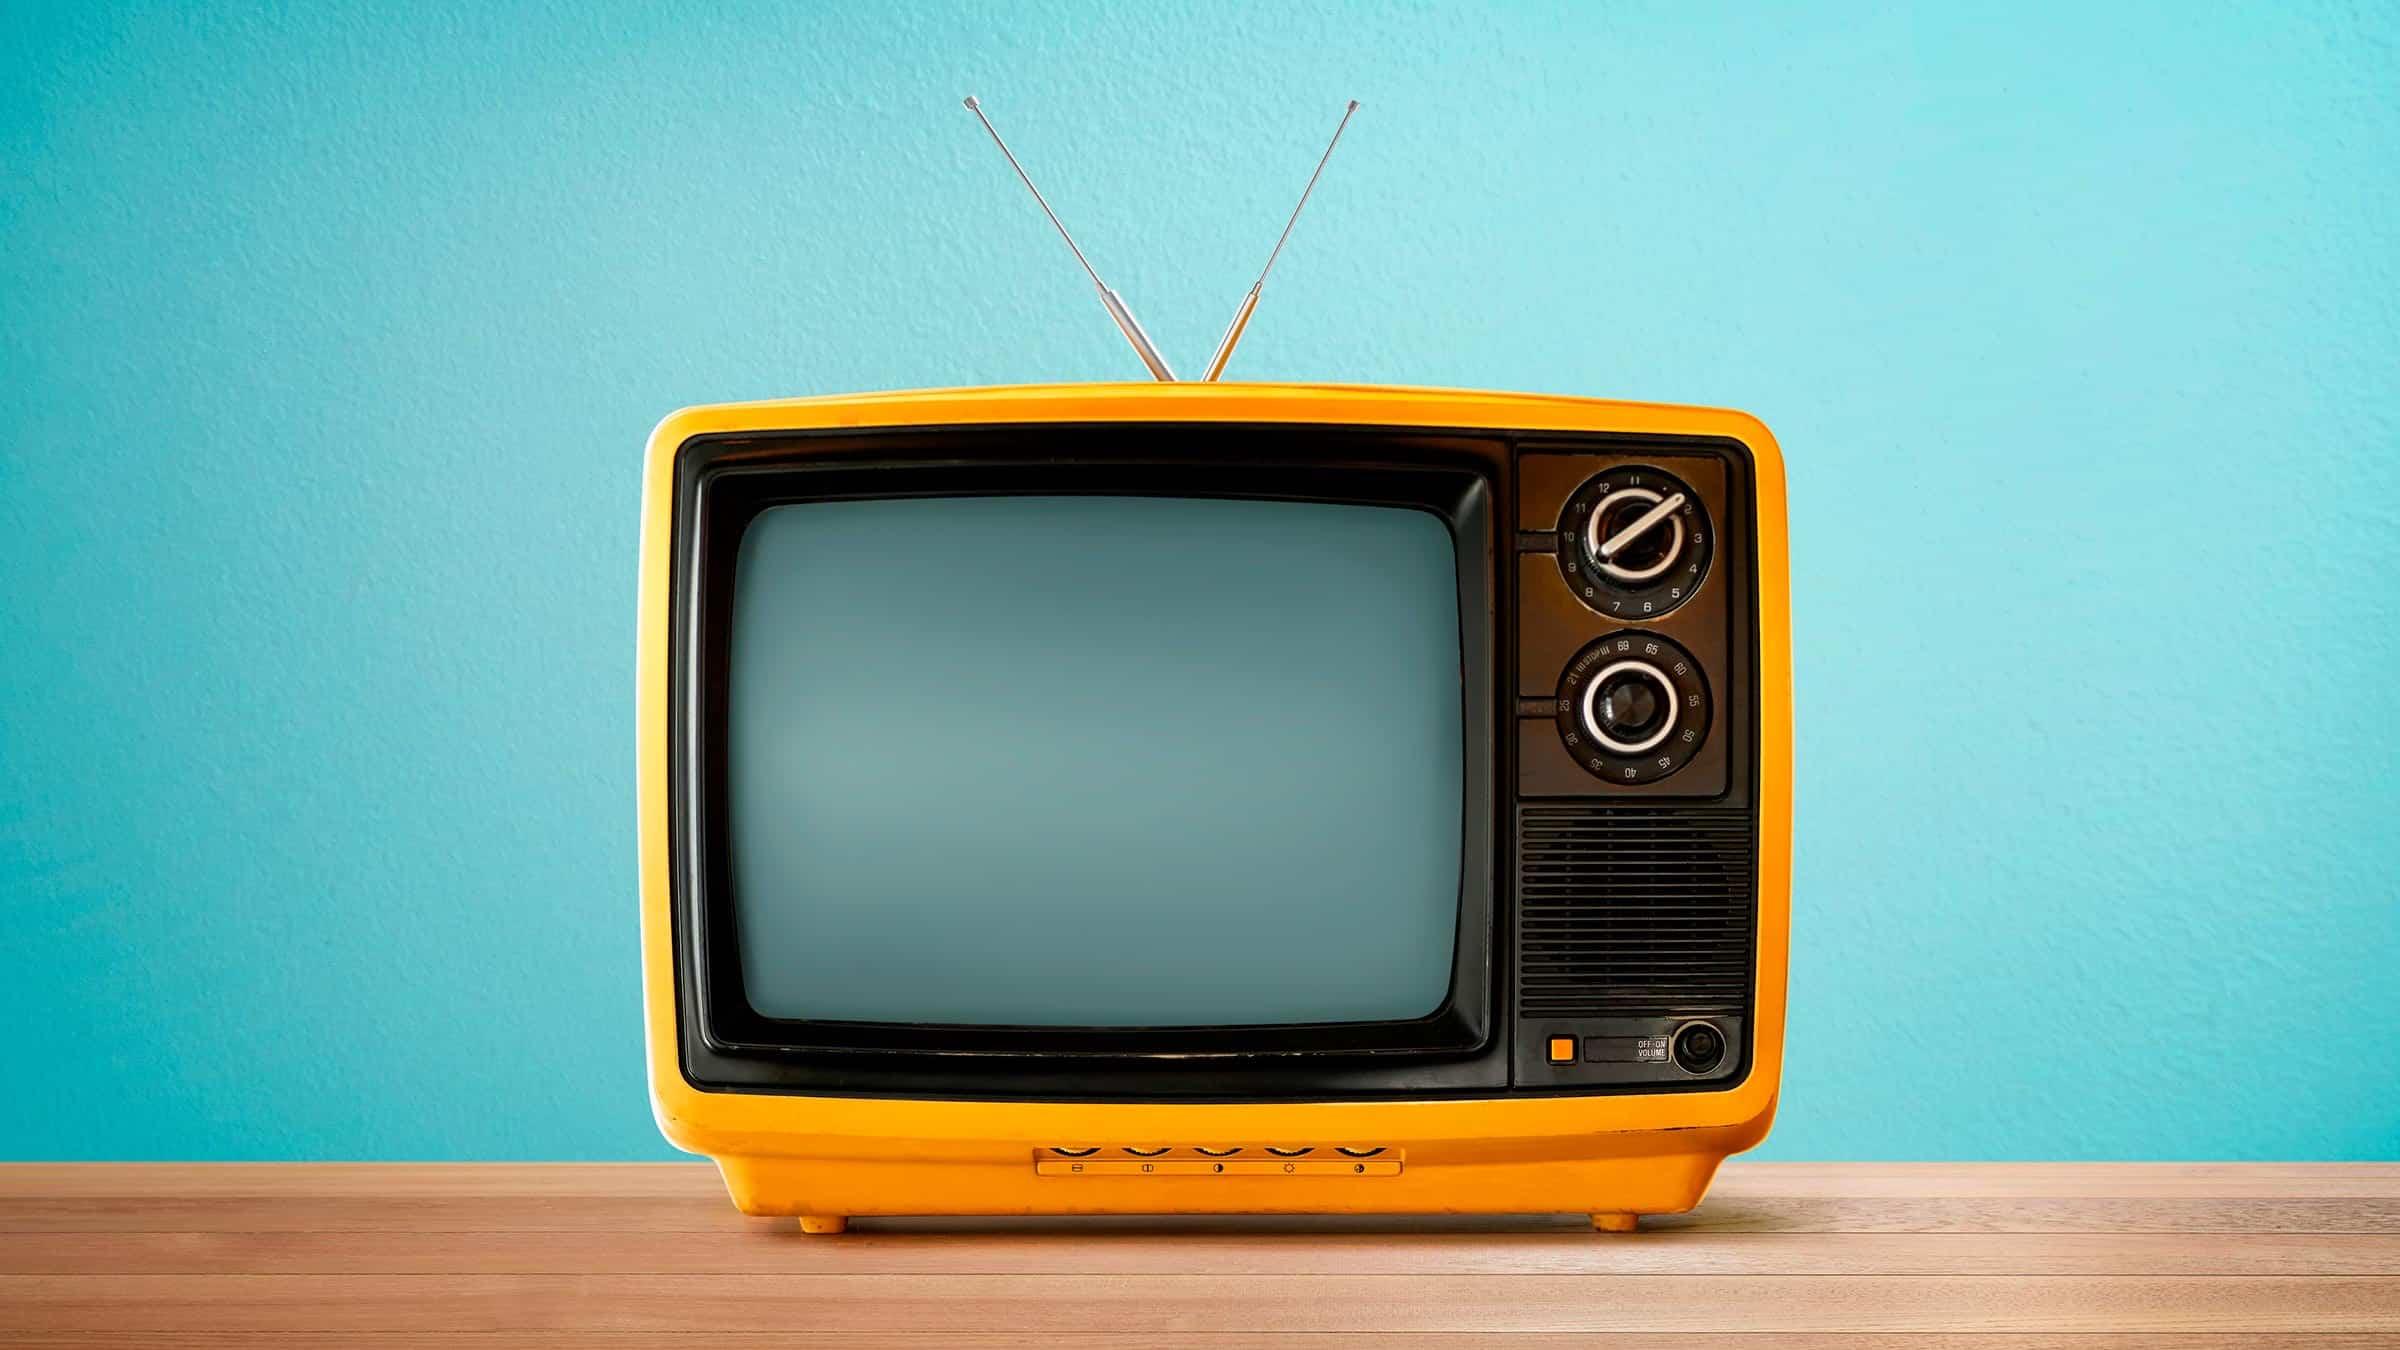 Mengetahui-Jenis-TV-yang-Digunakan